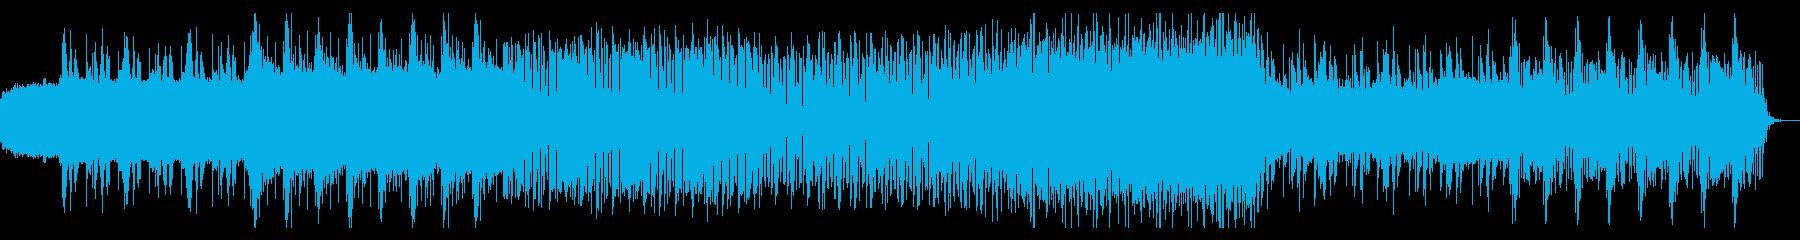 シンプルなアルペジオのテクノ06の再生済みの波形